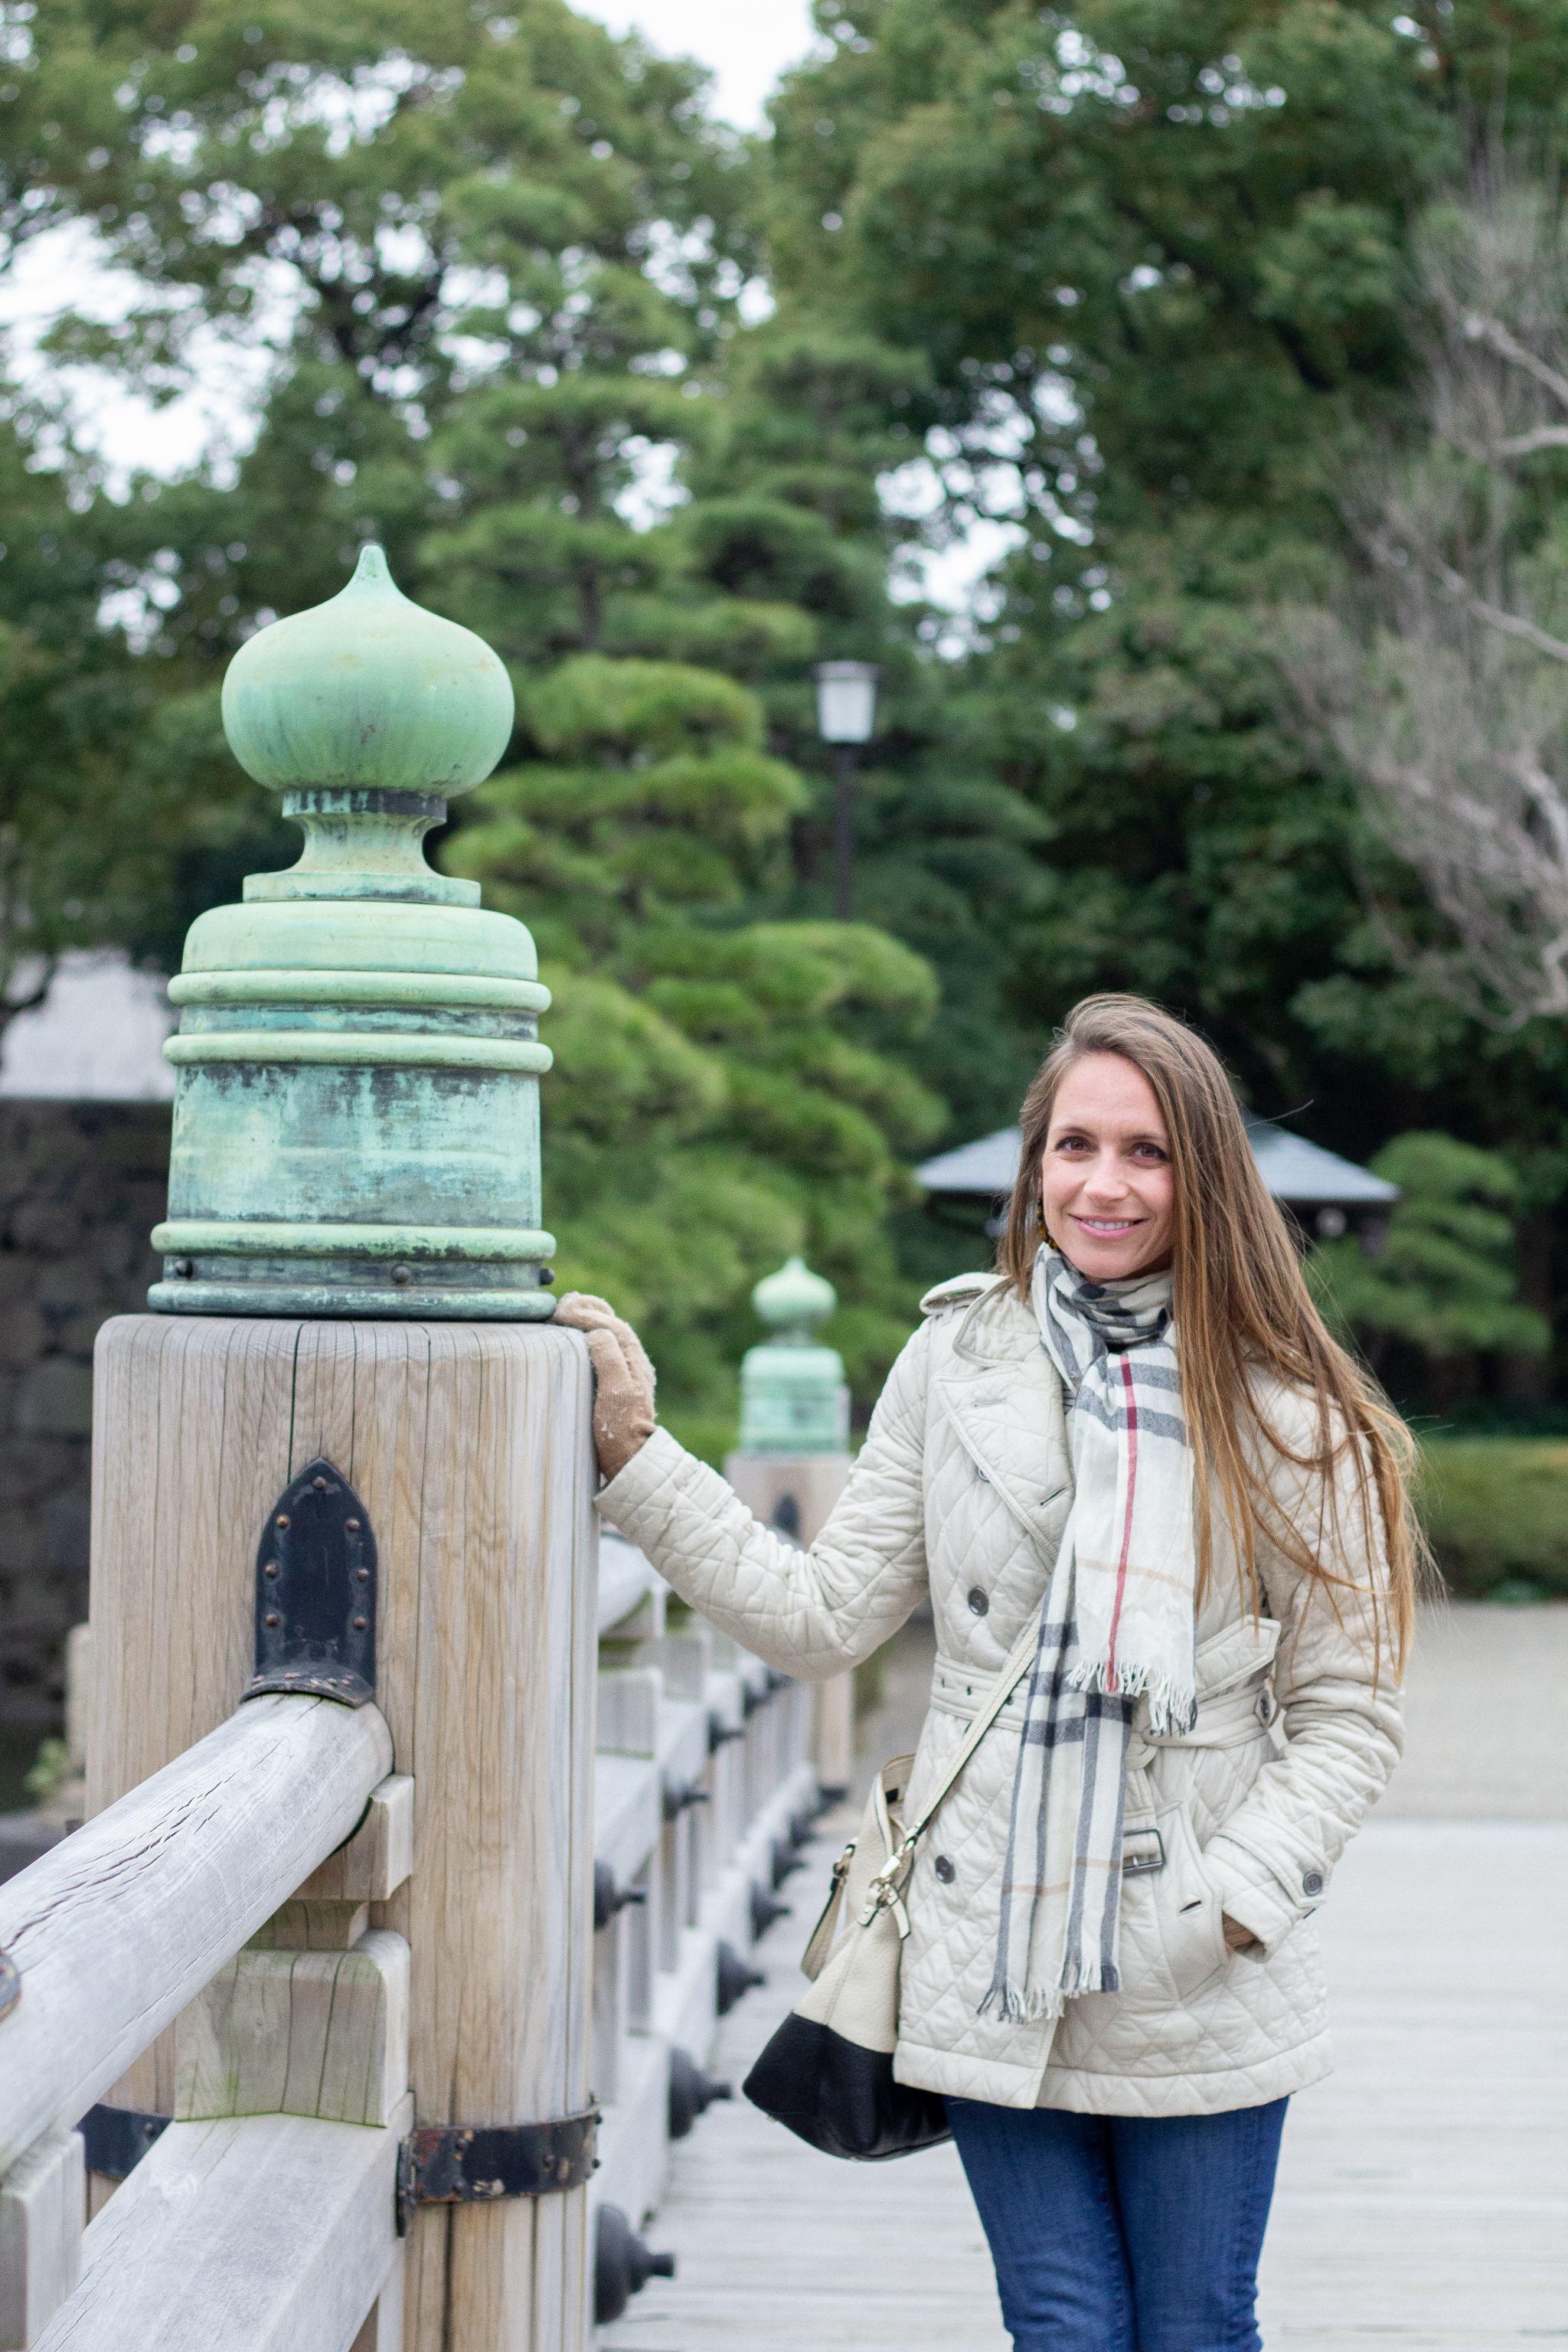 Shinjuku - Tokyo - traveling in Tokyo - what to see in Japan - pink sweater blazer - sightseeing in Japan - sightseeing in Tokyo - Chidoriga Fuchi palace garden